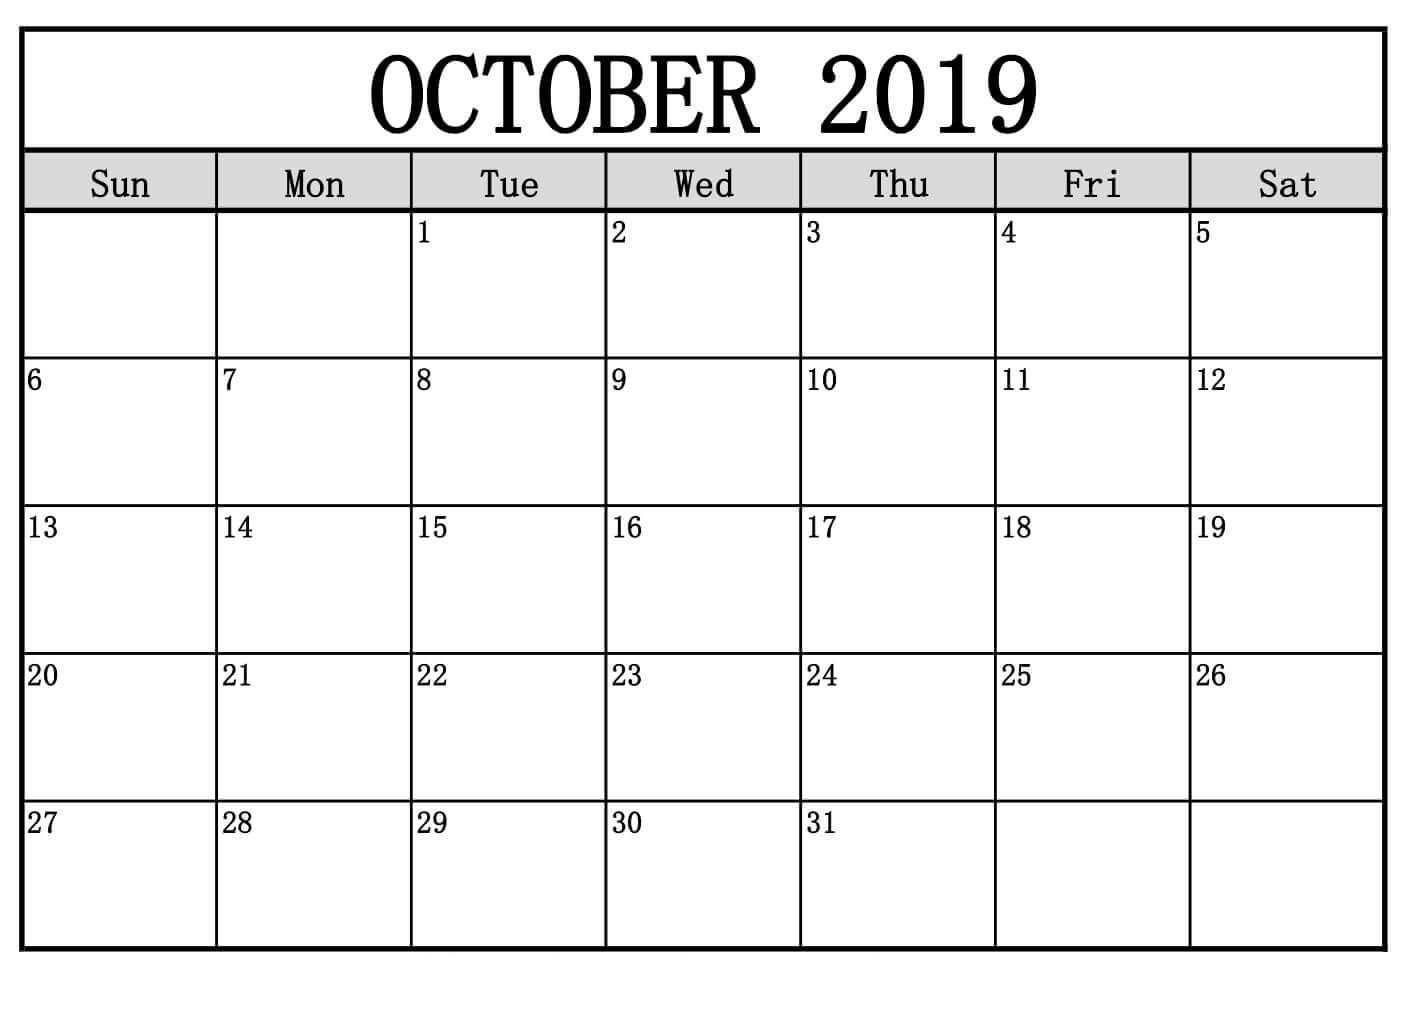 Oktober 2019 Kalender Druckbare Vorlage In Pdf Word Excel October Calendar 2019 Calendar Calendar Template